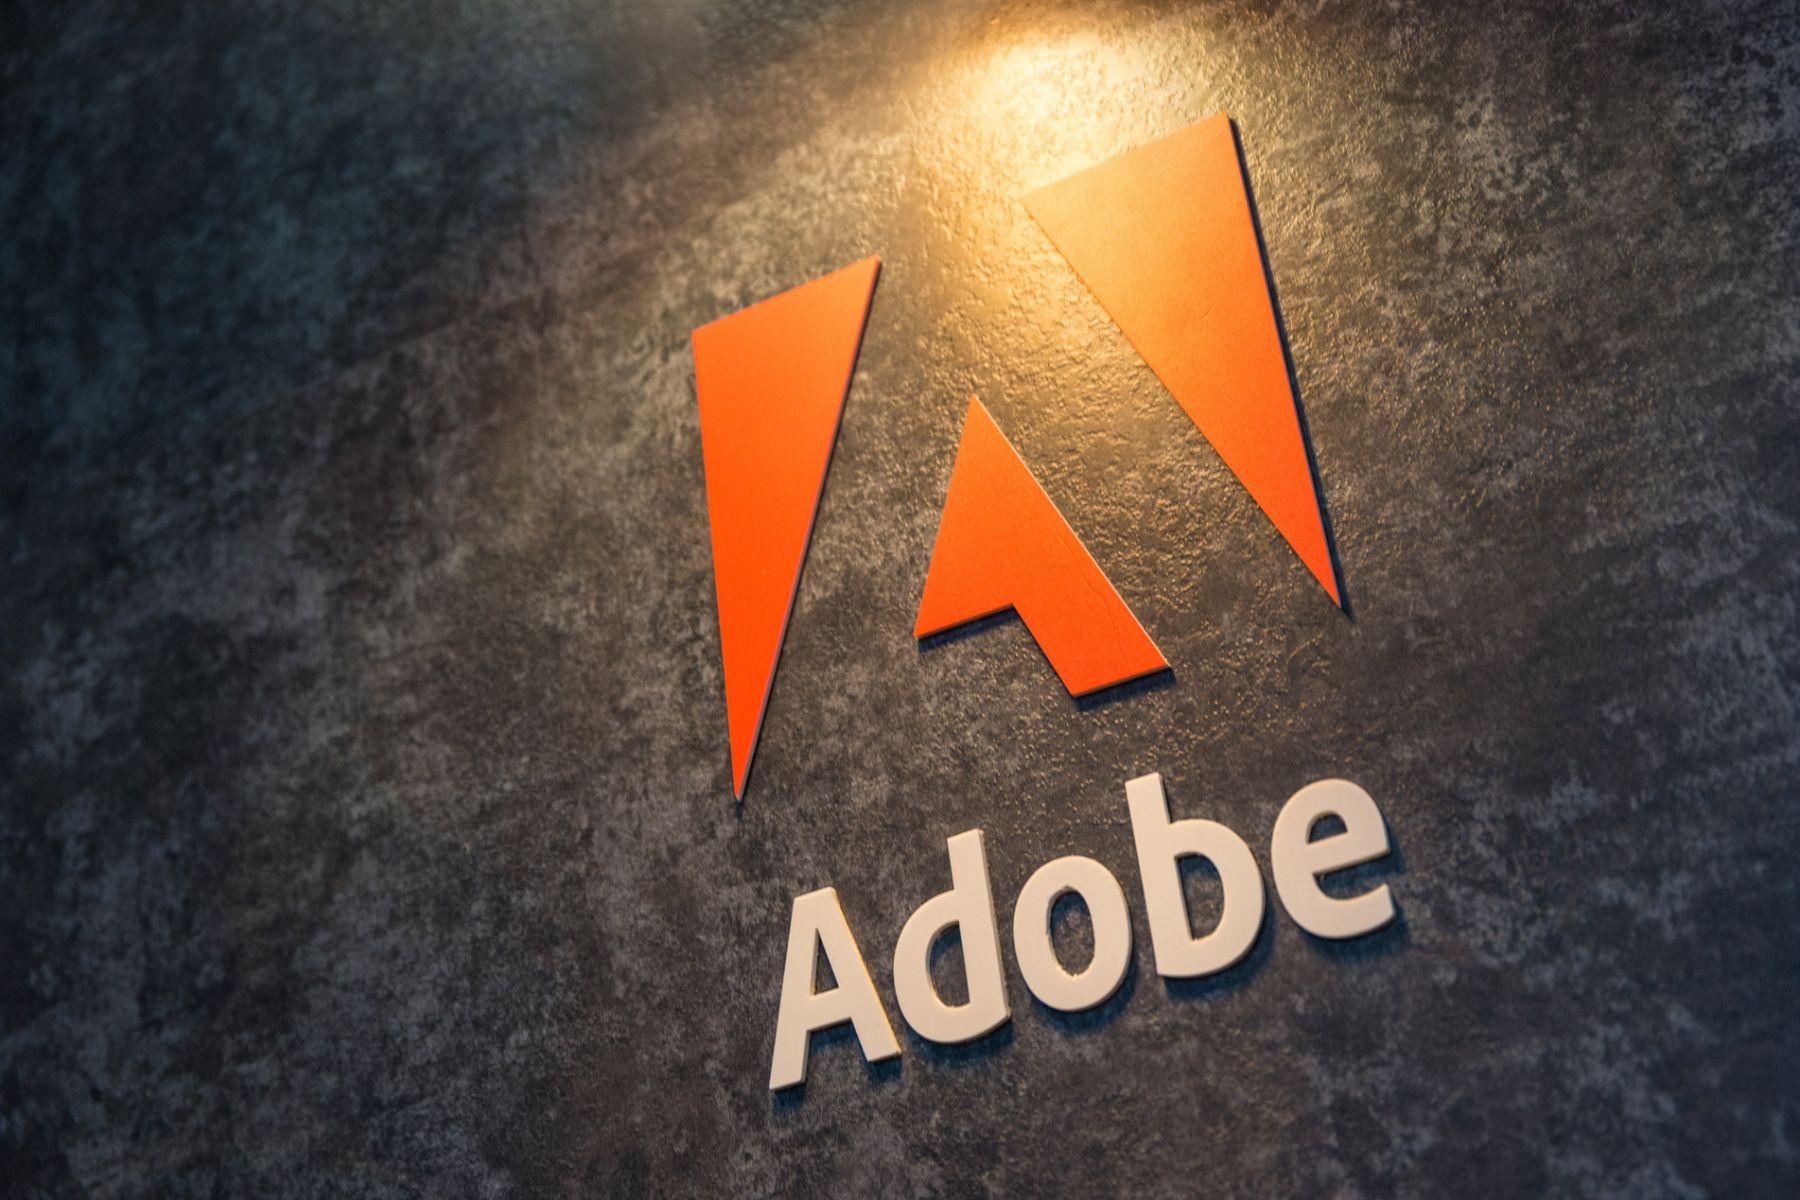 一個決定,損失上百億營收!Adobe CEO 看似錯誤的選擇,反而救了整間公司